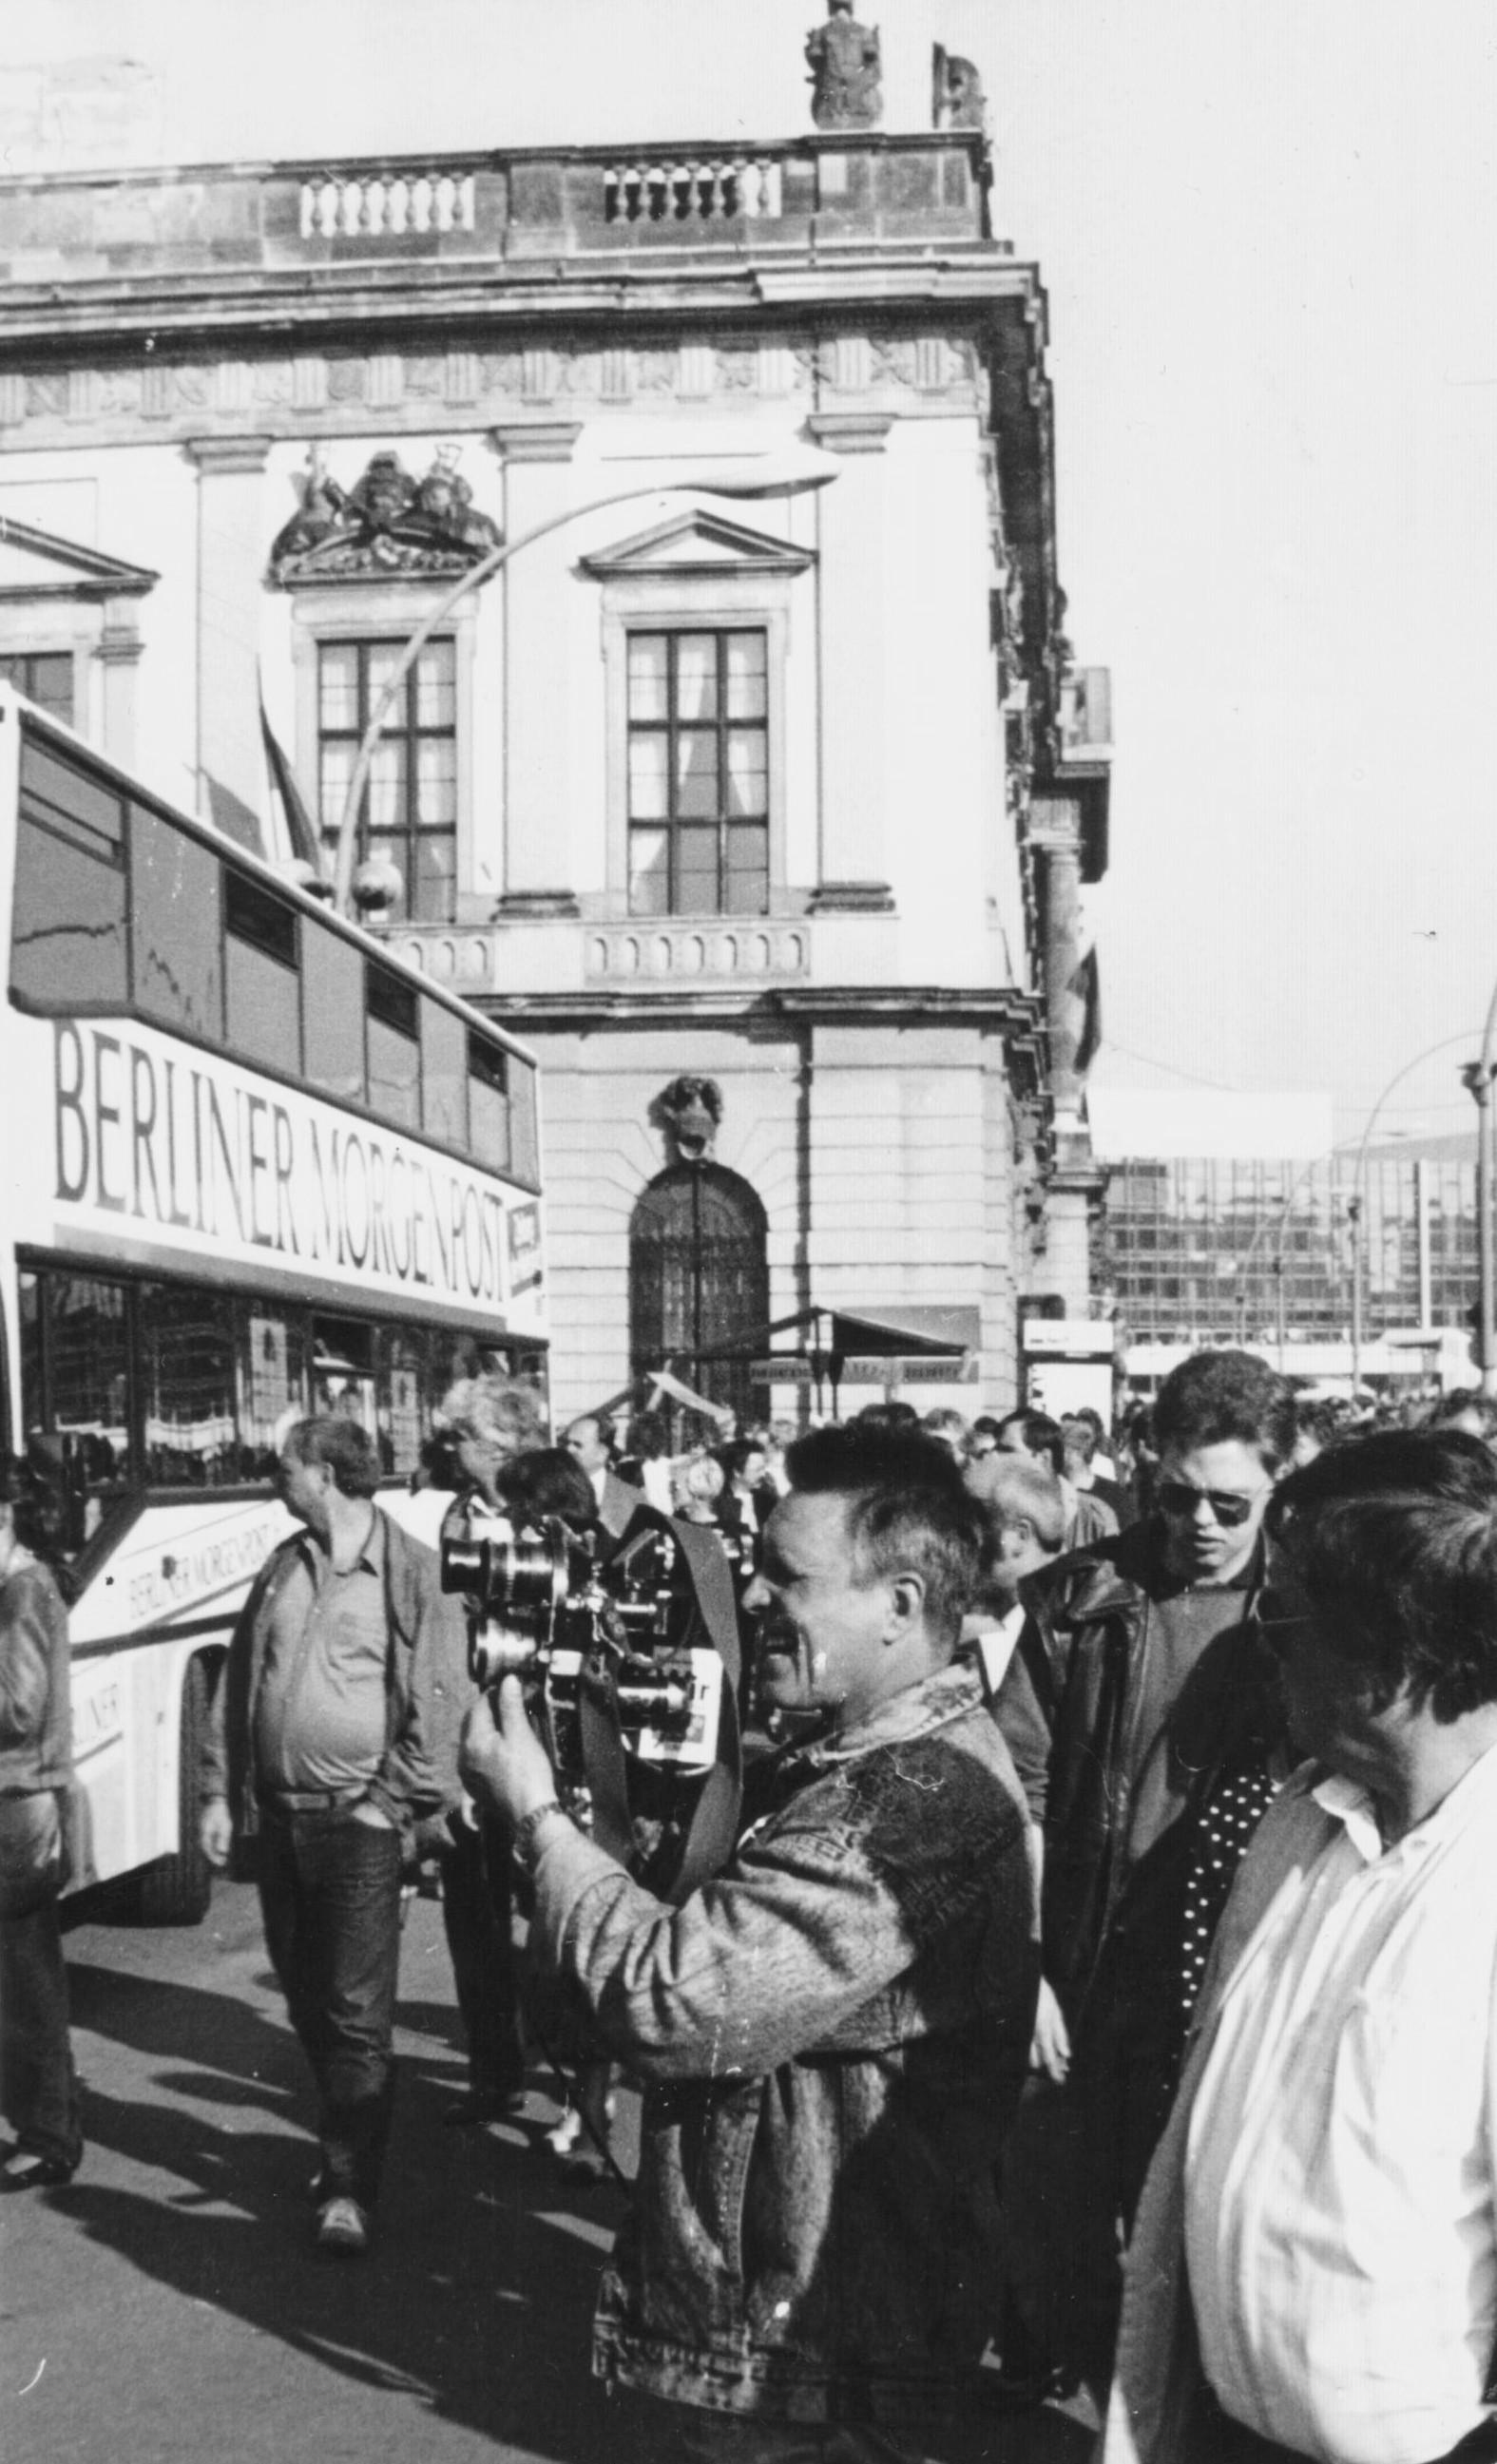 Экспонат #70. Берлин. 1989 год